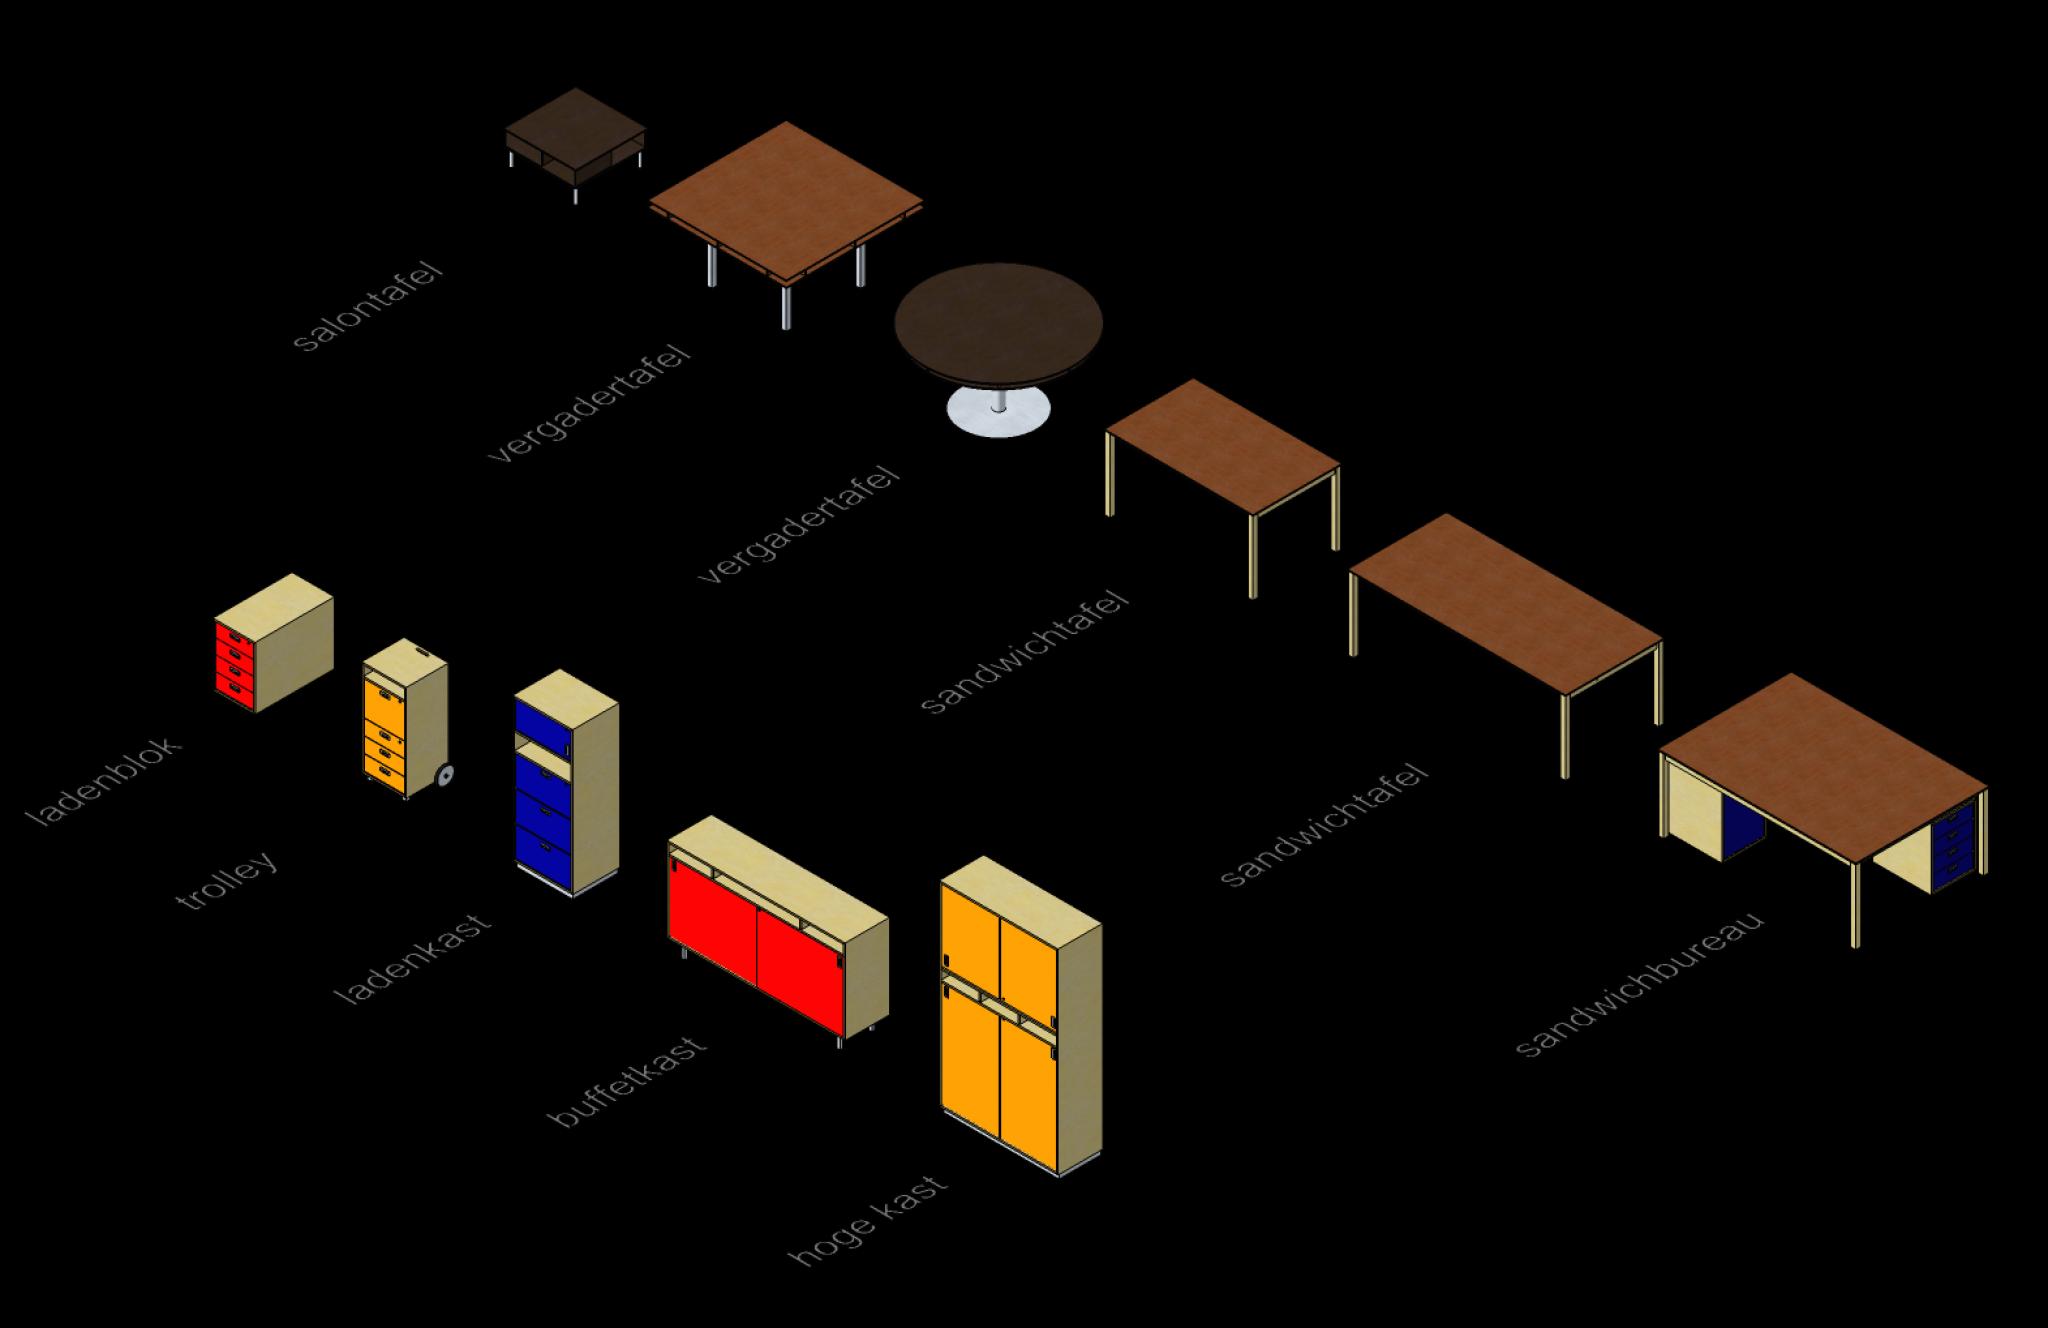 De Ontwerpwerkplaats, Gijs Niemeijer, Floor van Ditzhuyzen, Bureau Nationale Ombudsman, ontwerp kantoorinrichting, transformatie kantoorgebouw, interieur kantoor, ontwerp kantoormeubilair, Gijs Niemeijer, Floor van Ditzhuyzen, interieur nationale ombudsman, interieur ombudsman, garderobe, interieurontwerp, meubelontwerp, ontwerp balie, speciaal meubilair, inrichting kantoor